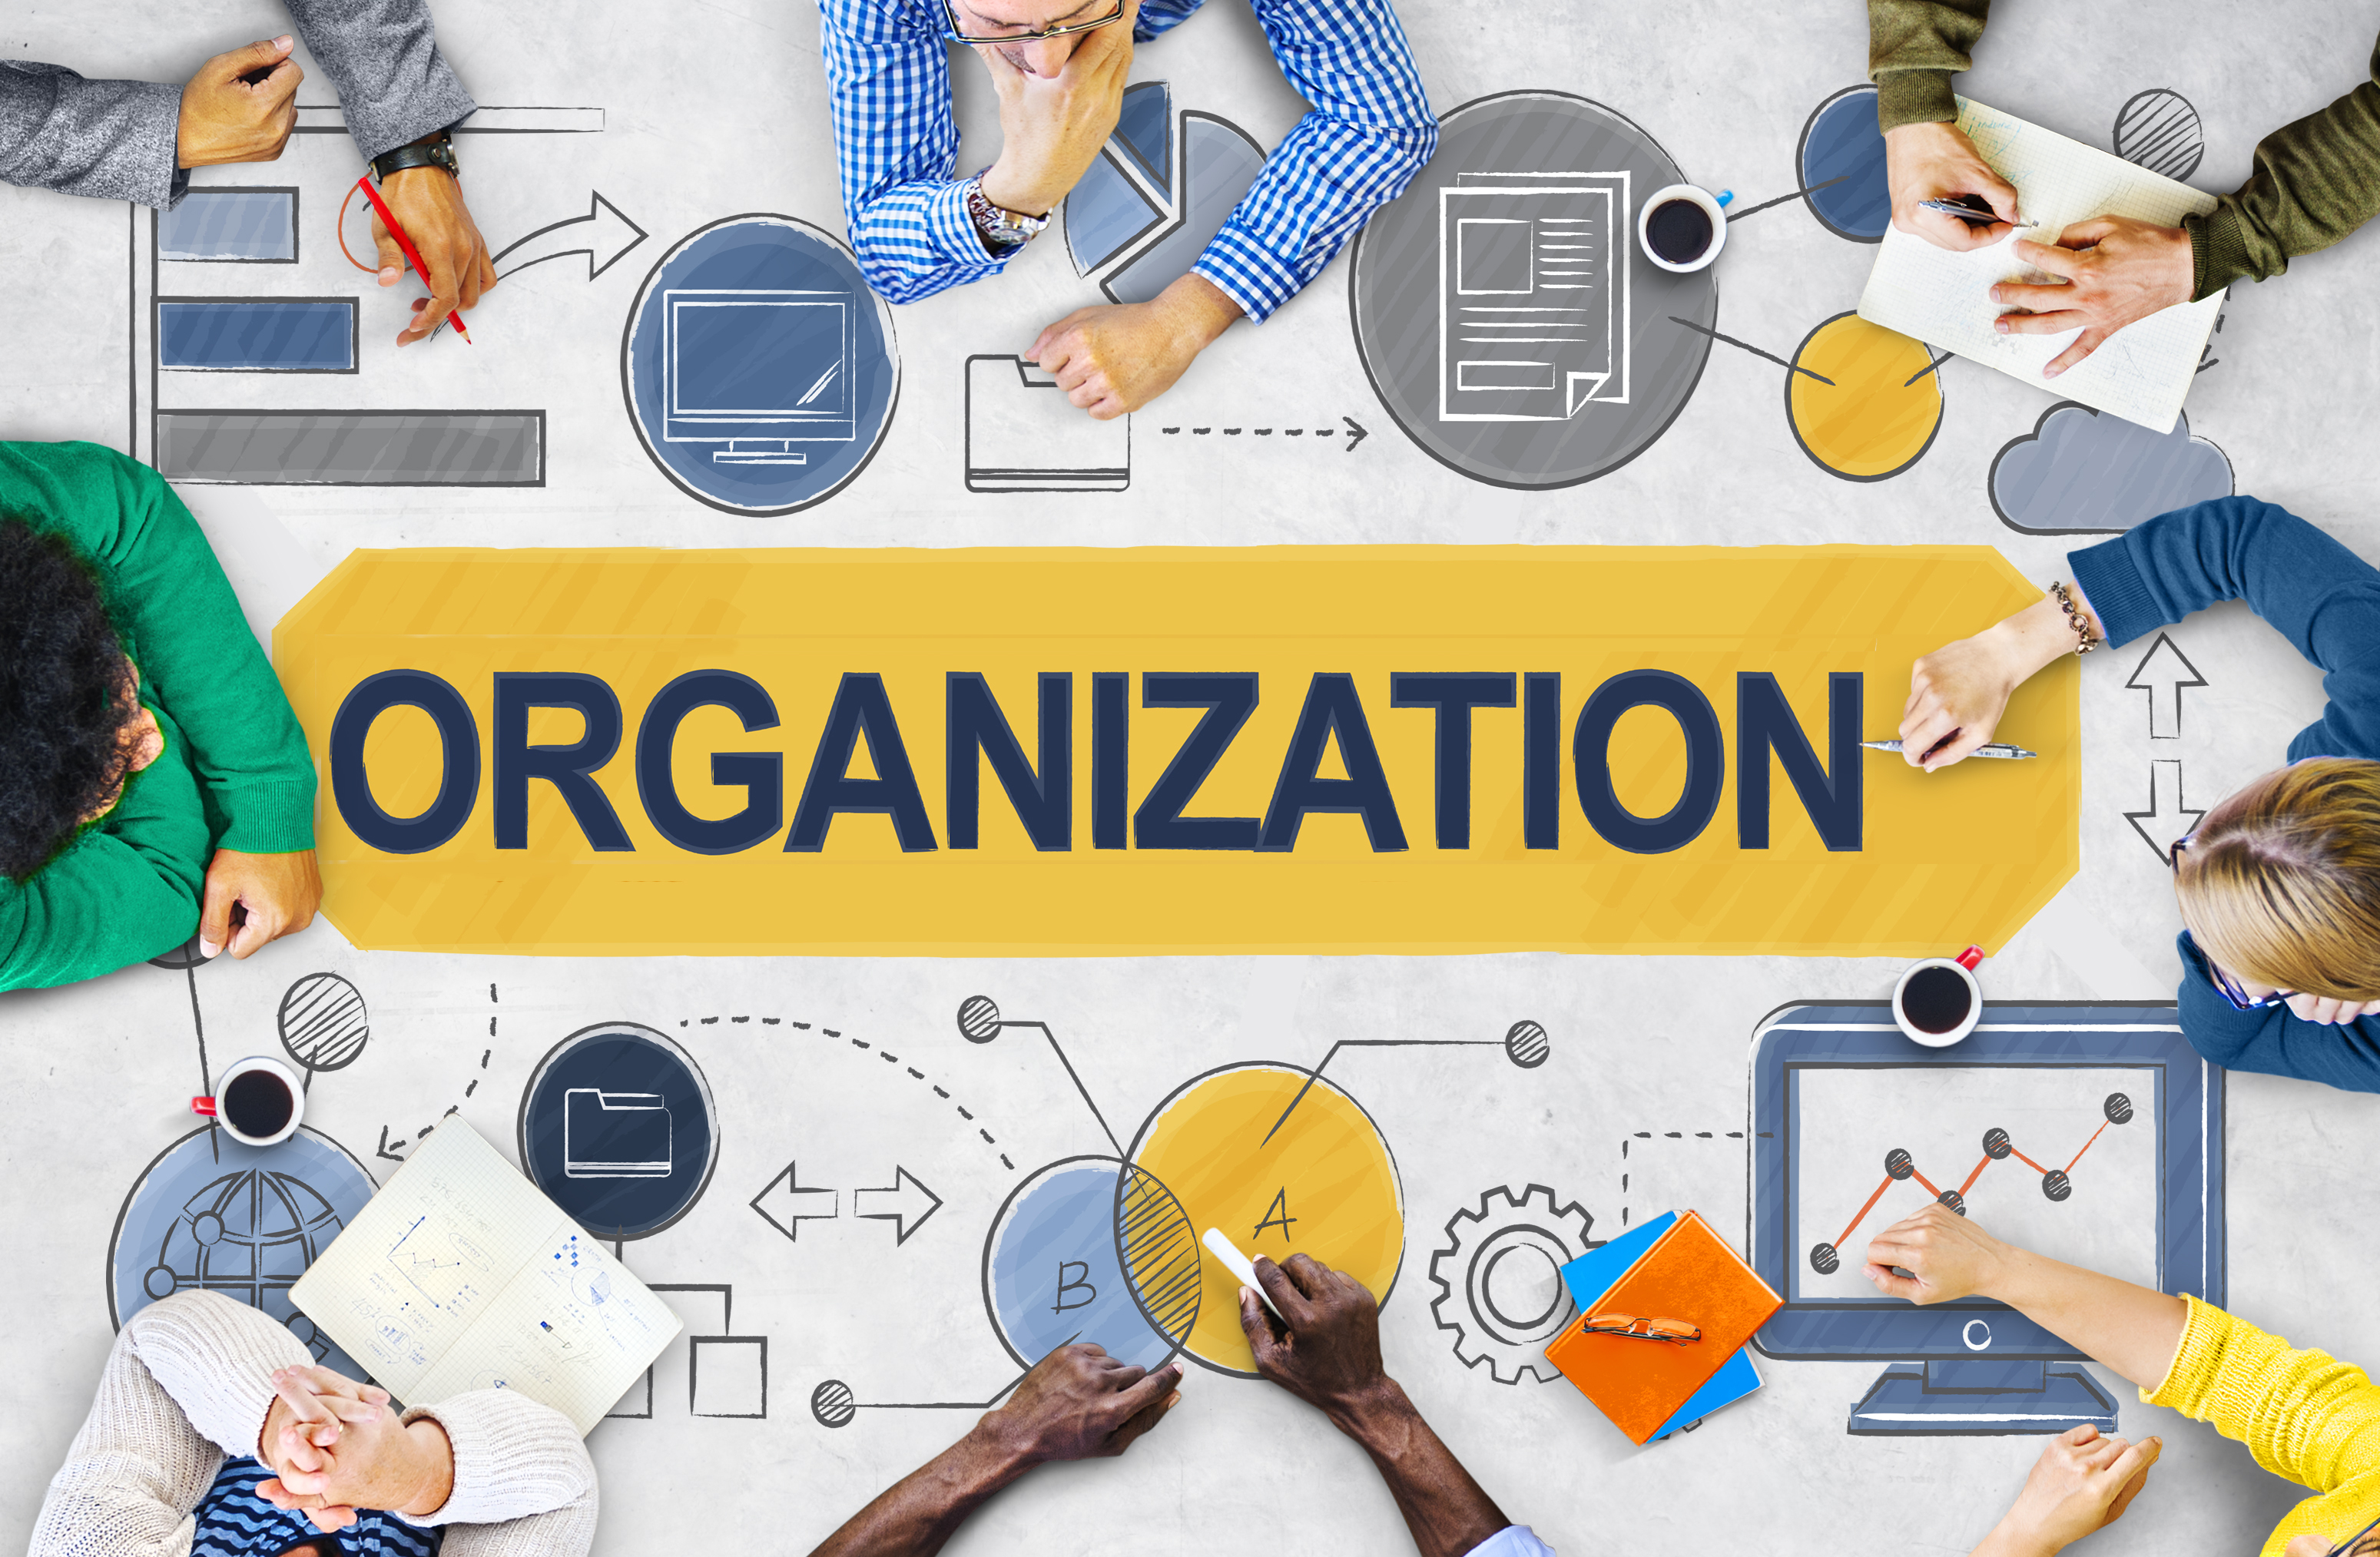 Organizational Hazards